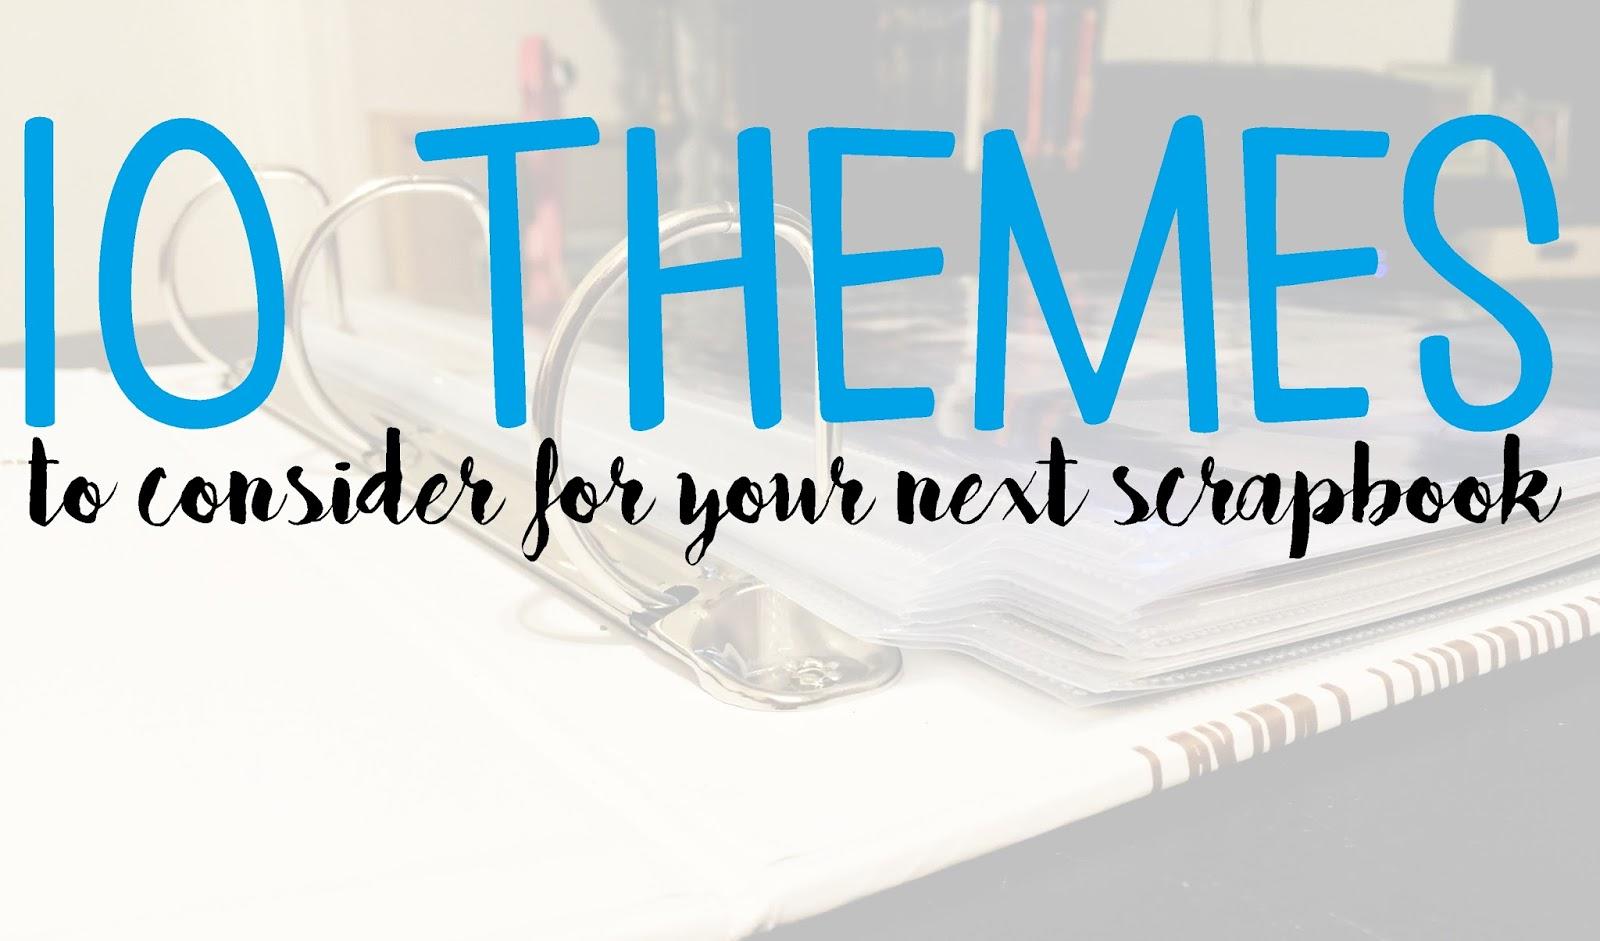 Ten Scrapbook Themes A Paper Arrow